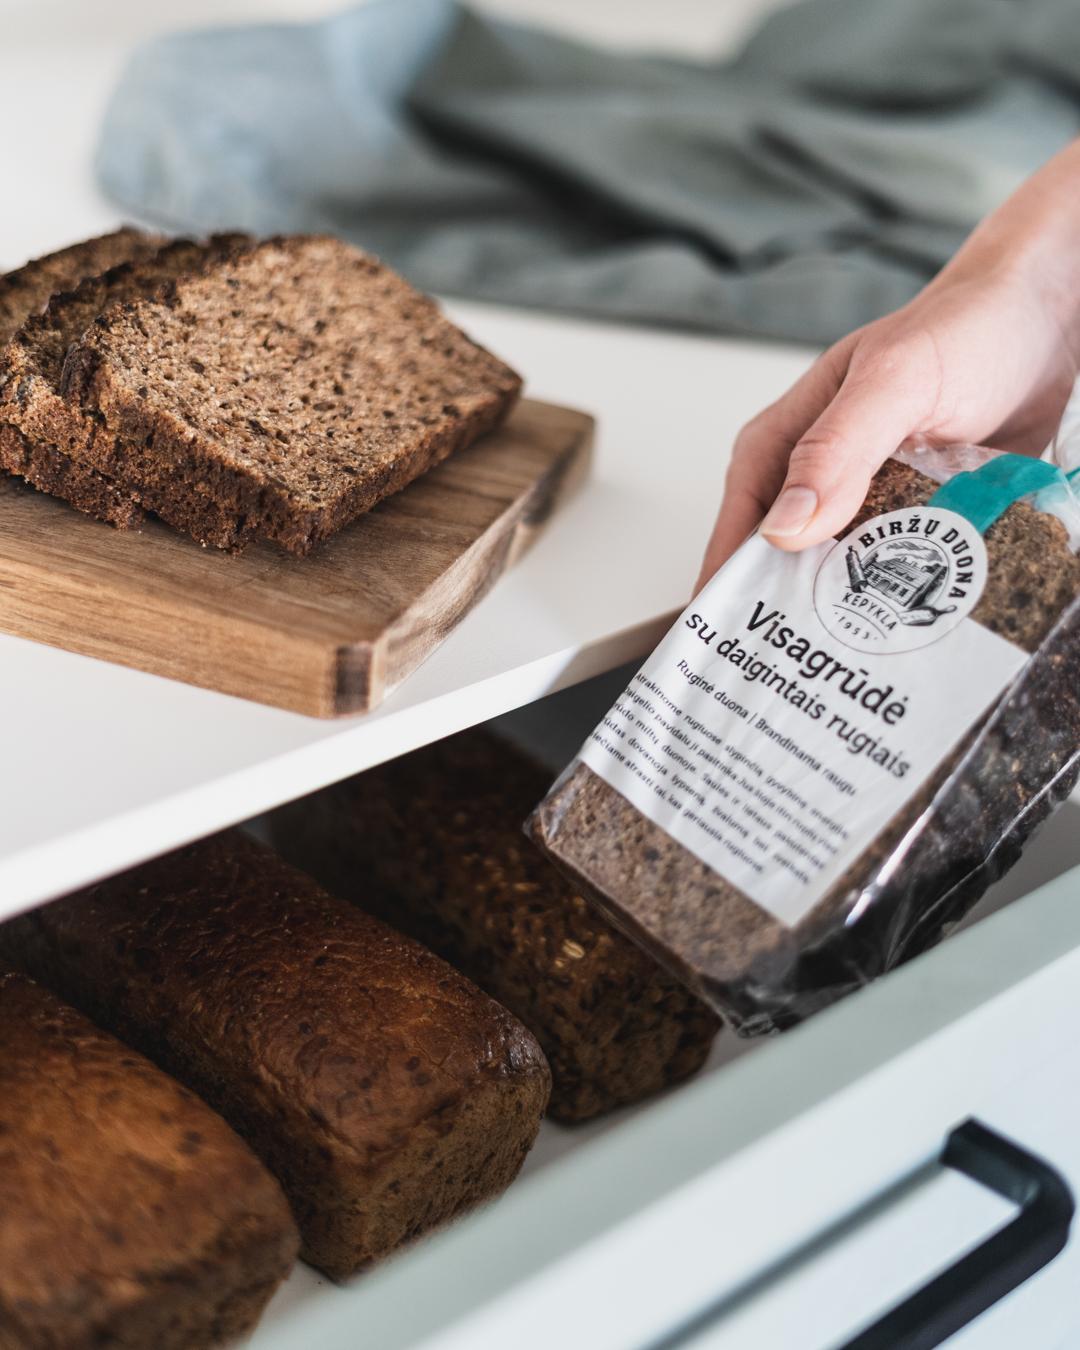 Visagrūdė duona su daigintais rugiais